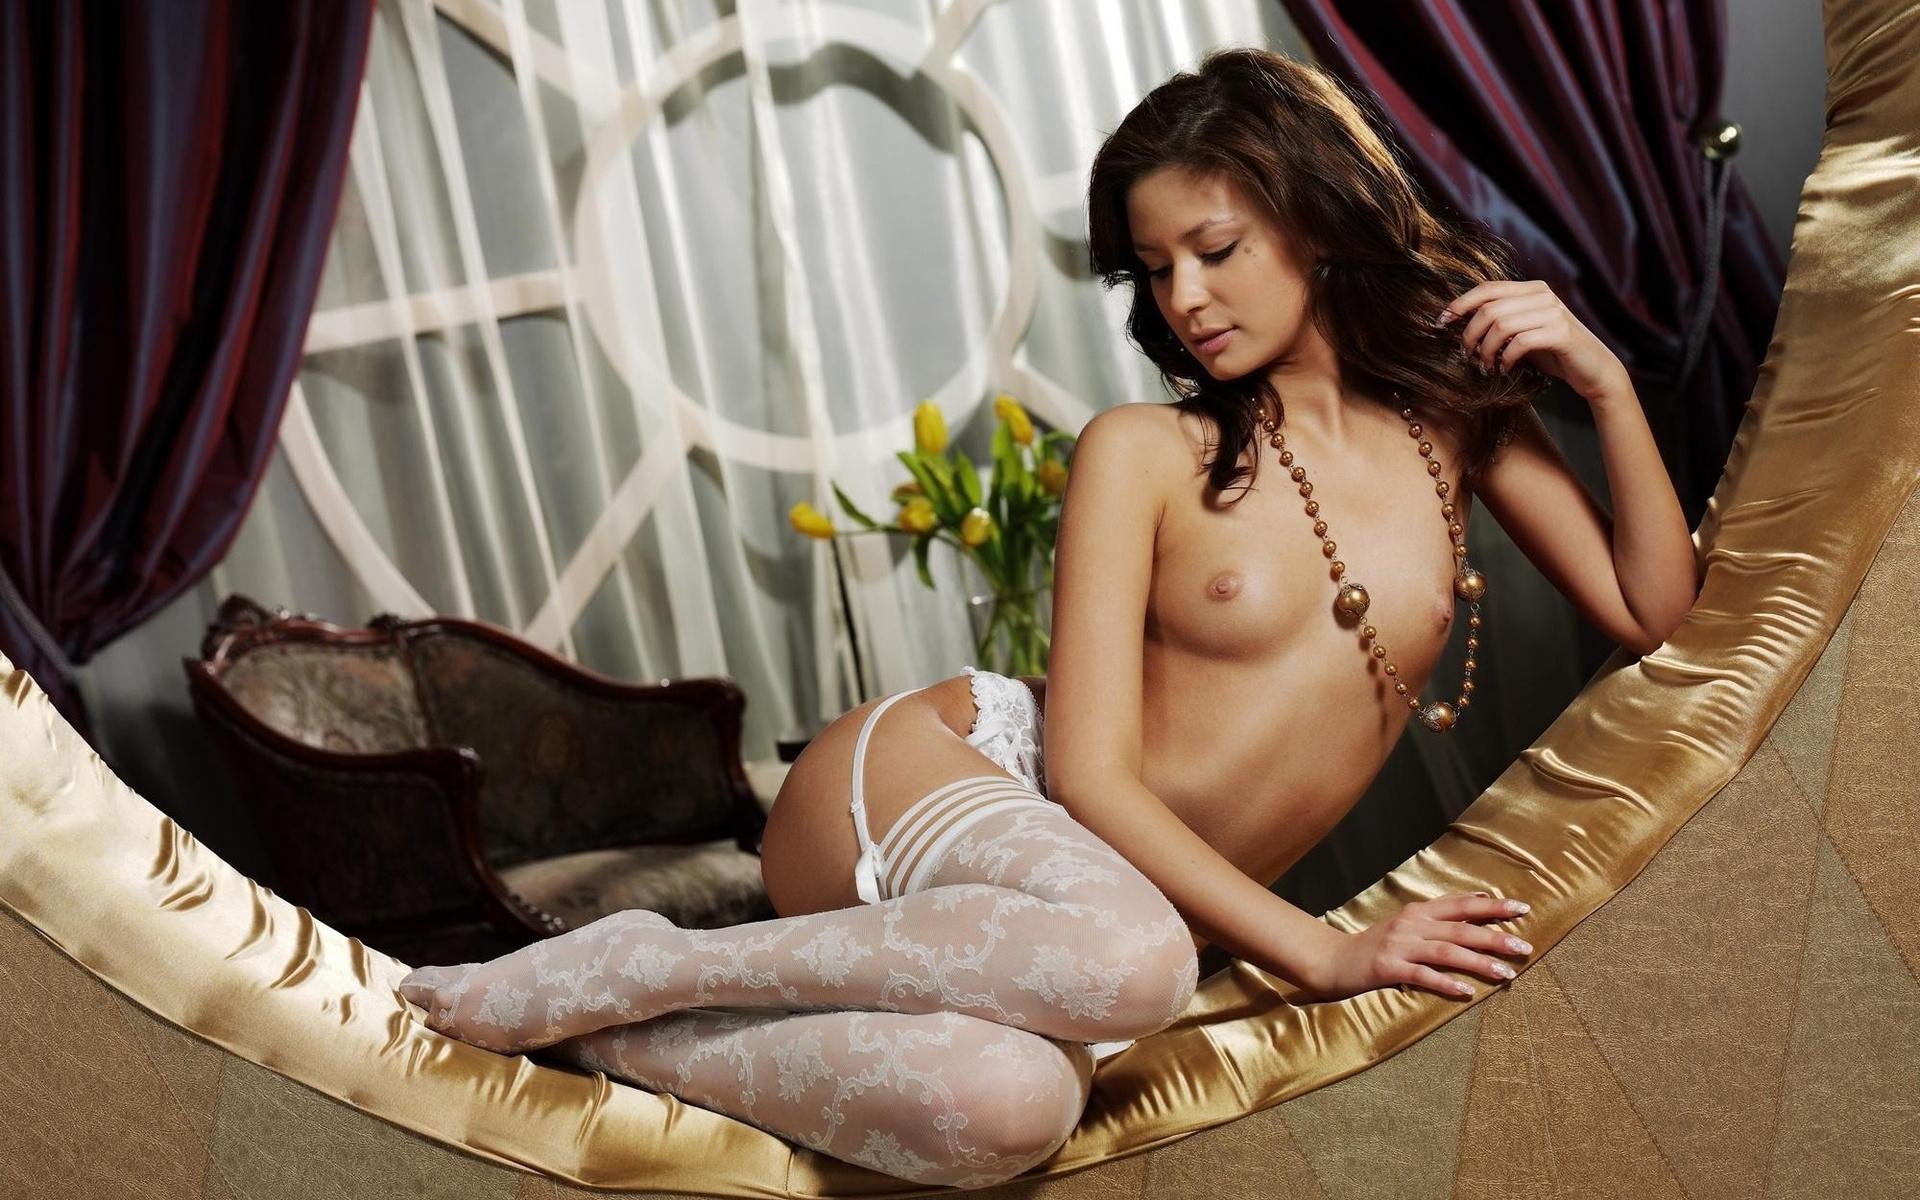 Элитная супер эротика, Порно супер качество, секс видео бесплатно! 22 фотография